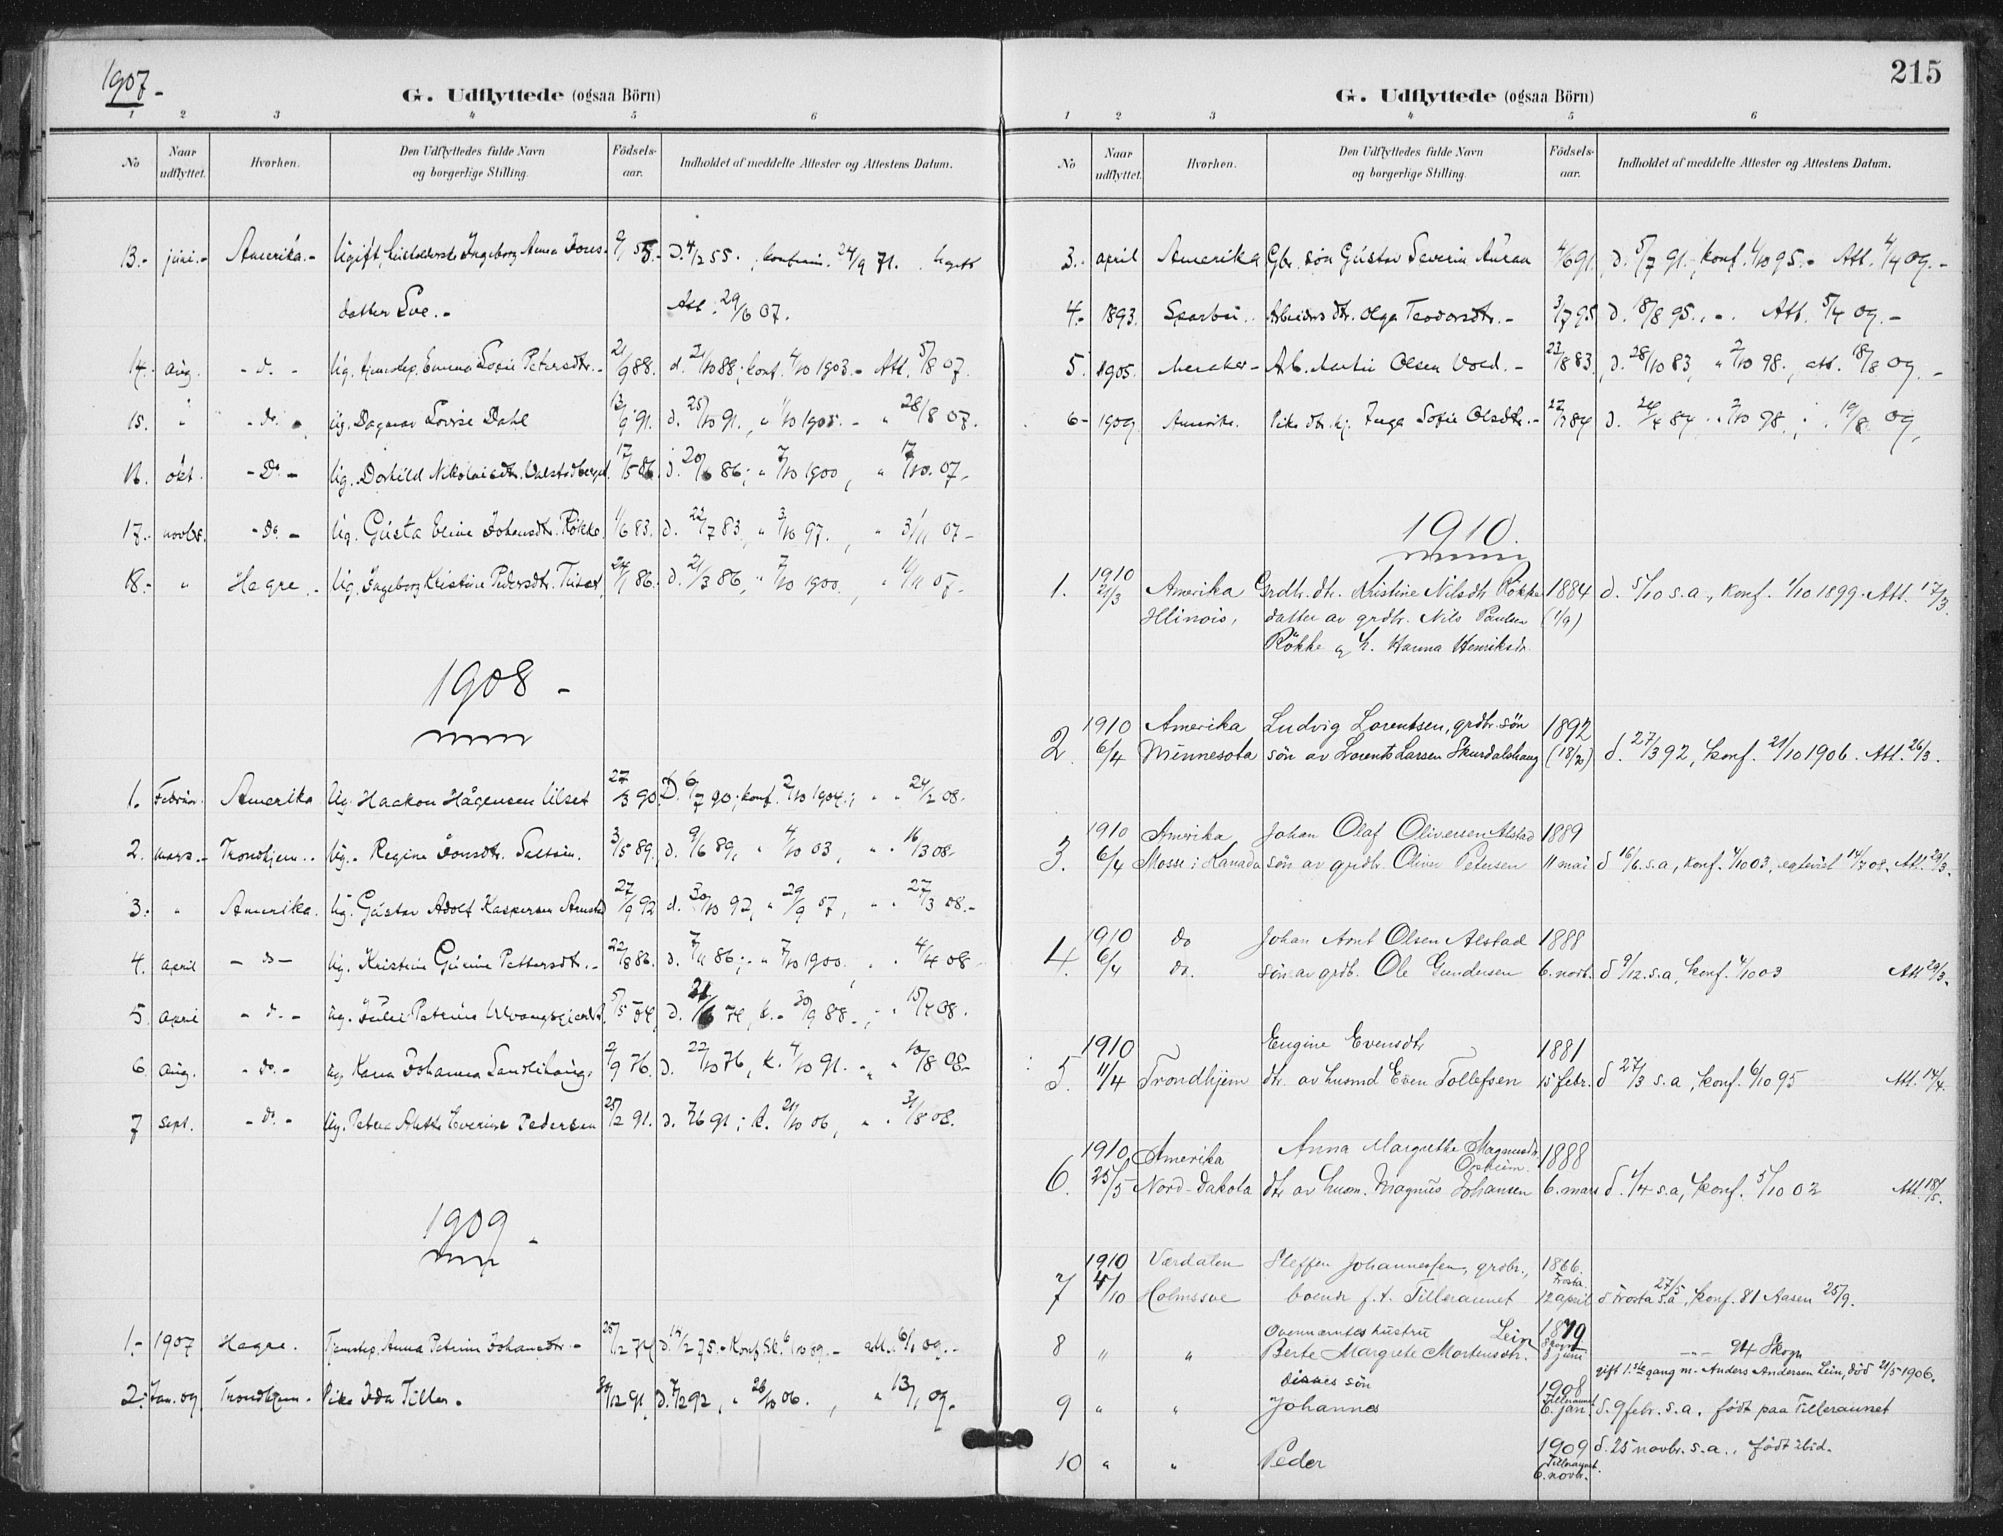 SAT, Ministerialprotokoller, klokkerbøker og fødselsregistre - Nord-Trøndelag, 712/L0101: Ministerialbok nr. 712A02, 1901-1916, s. 215